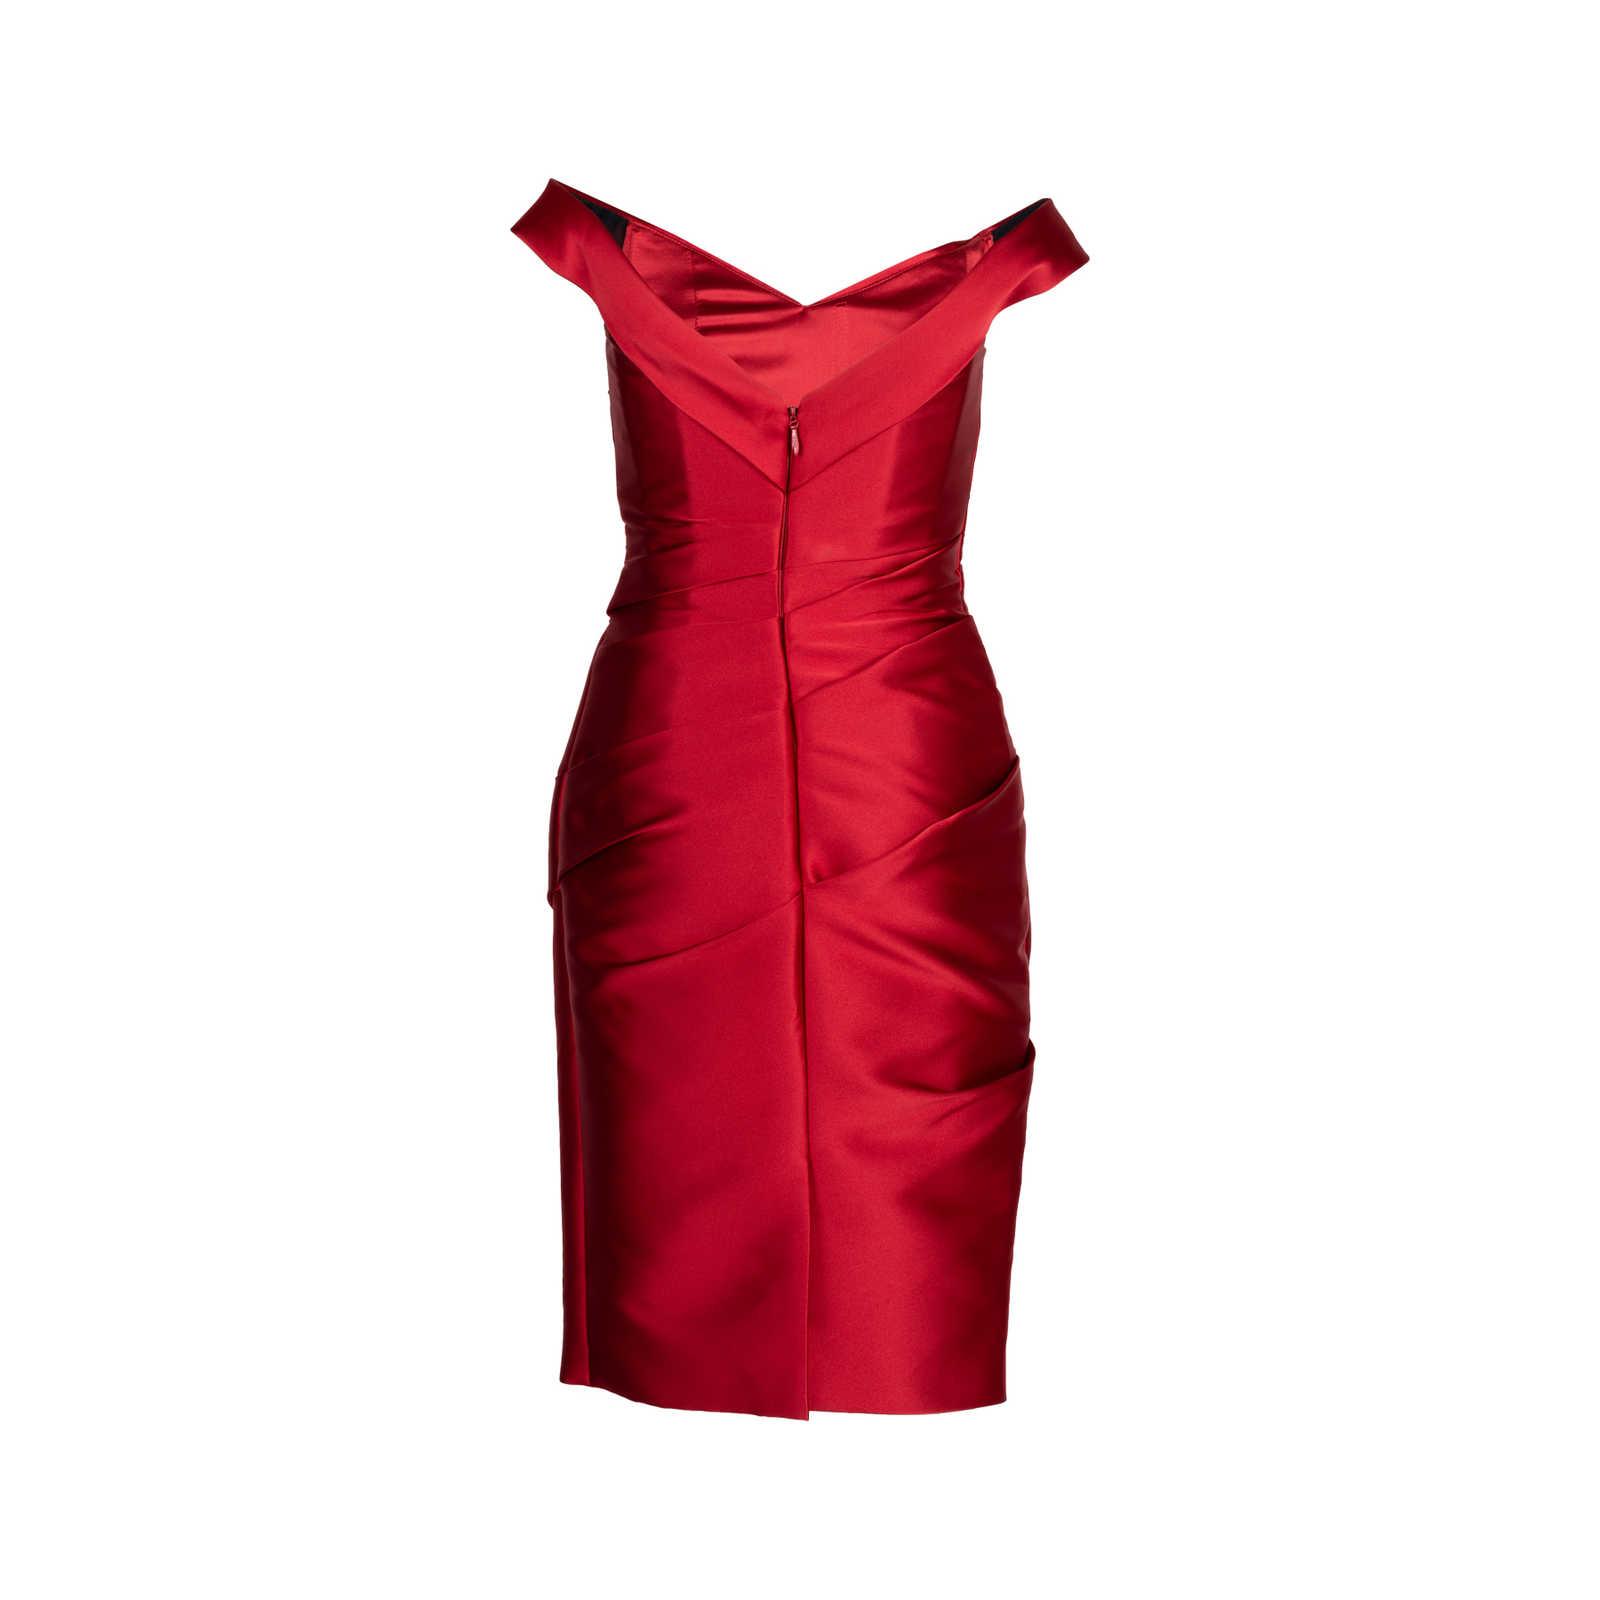 5ab7074a050 ... Authentic Second Hand Monique Lhuillier Off-The-Shoulder Cocktail Dress  (PSS-424 ...